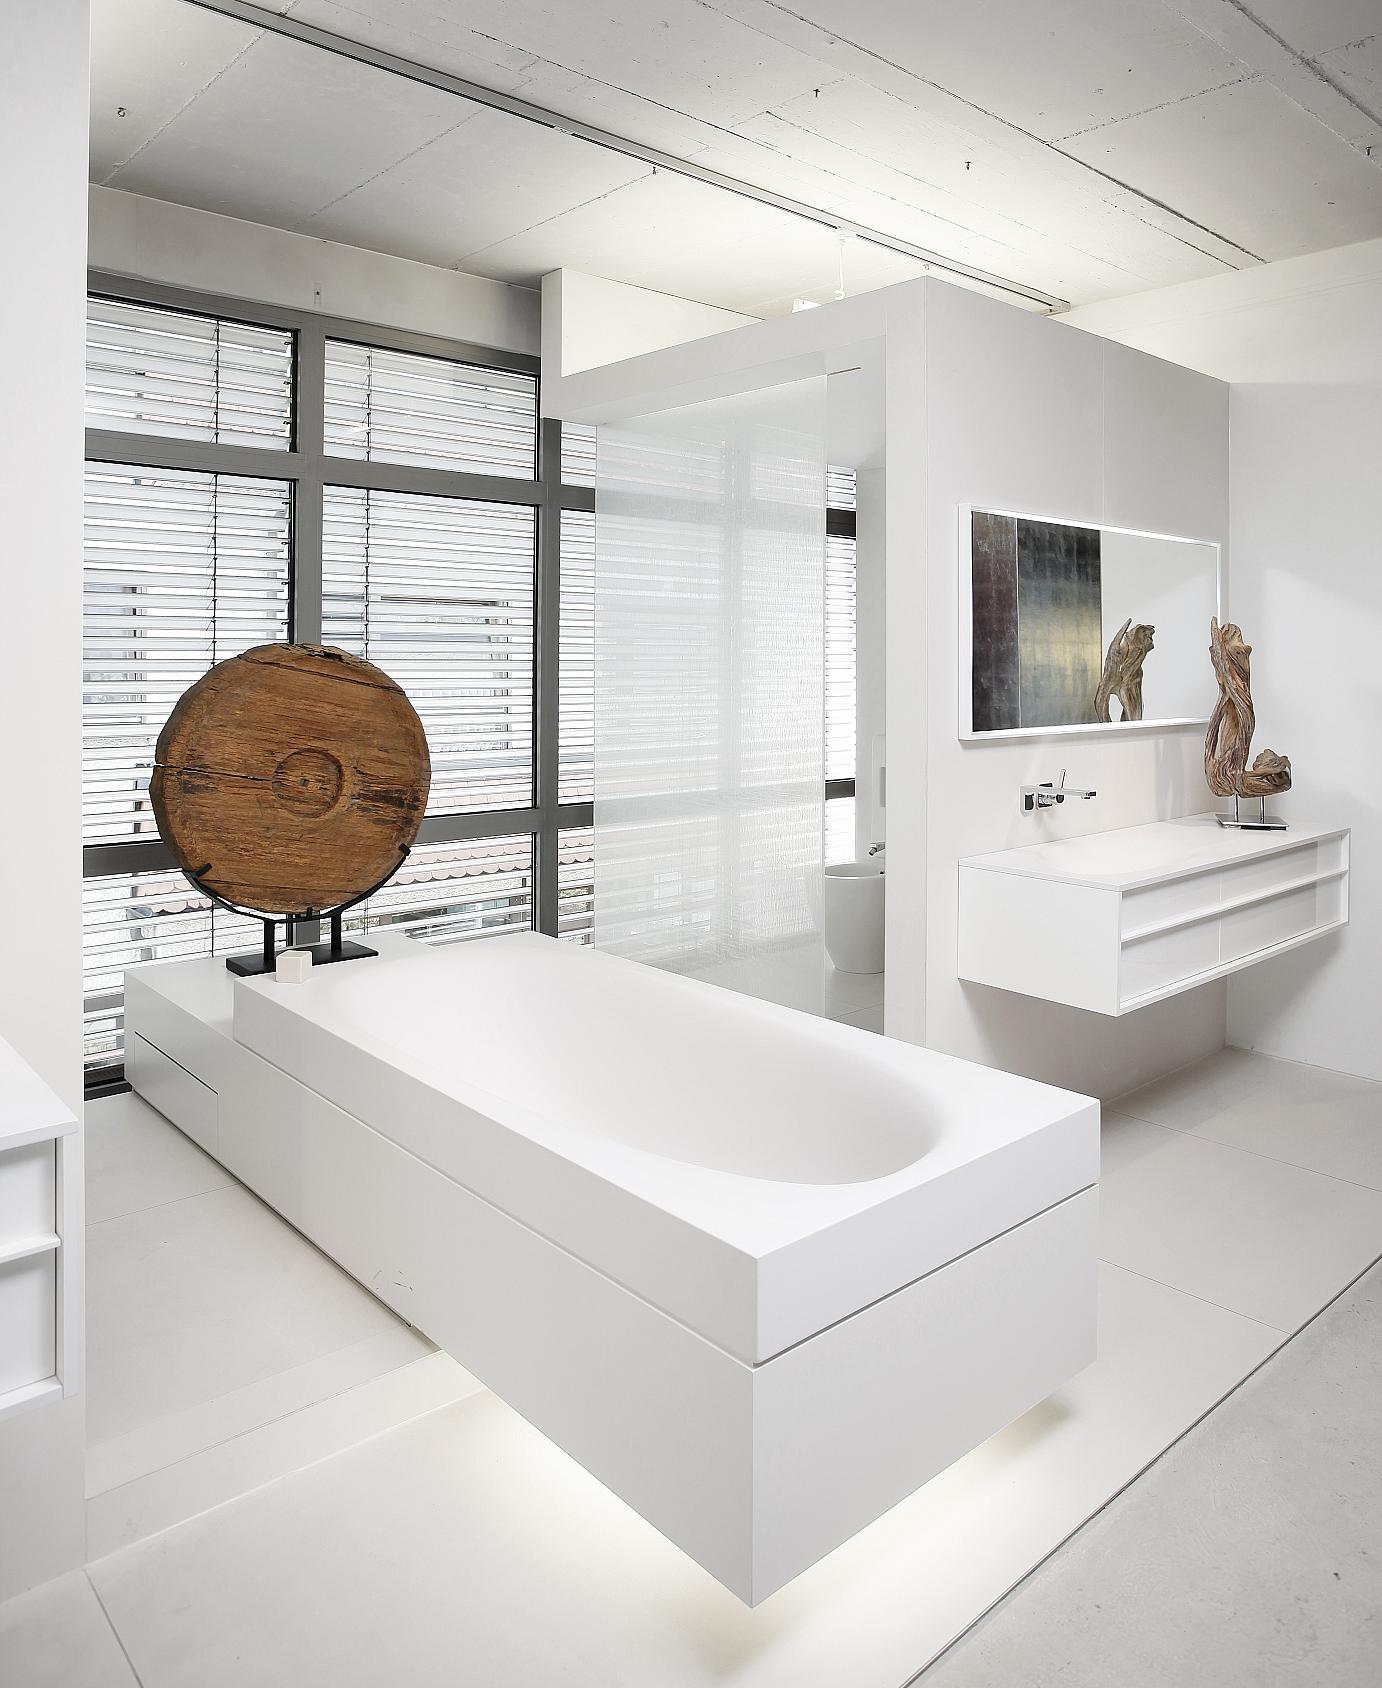 sanit r wahl gmbh b derausstellung stuttgart bilder. Black Bedroom Furniture Sets. Home Design Ideas